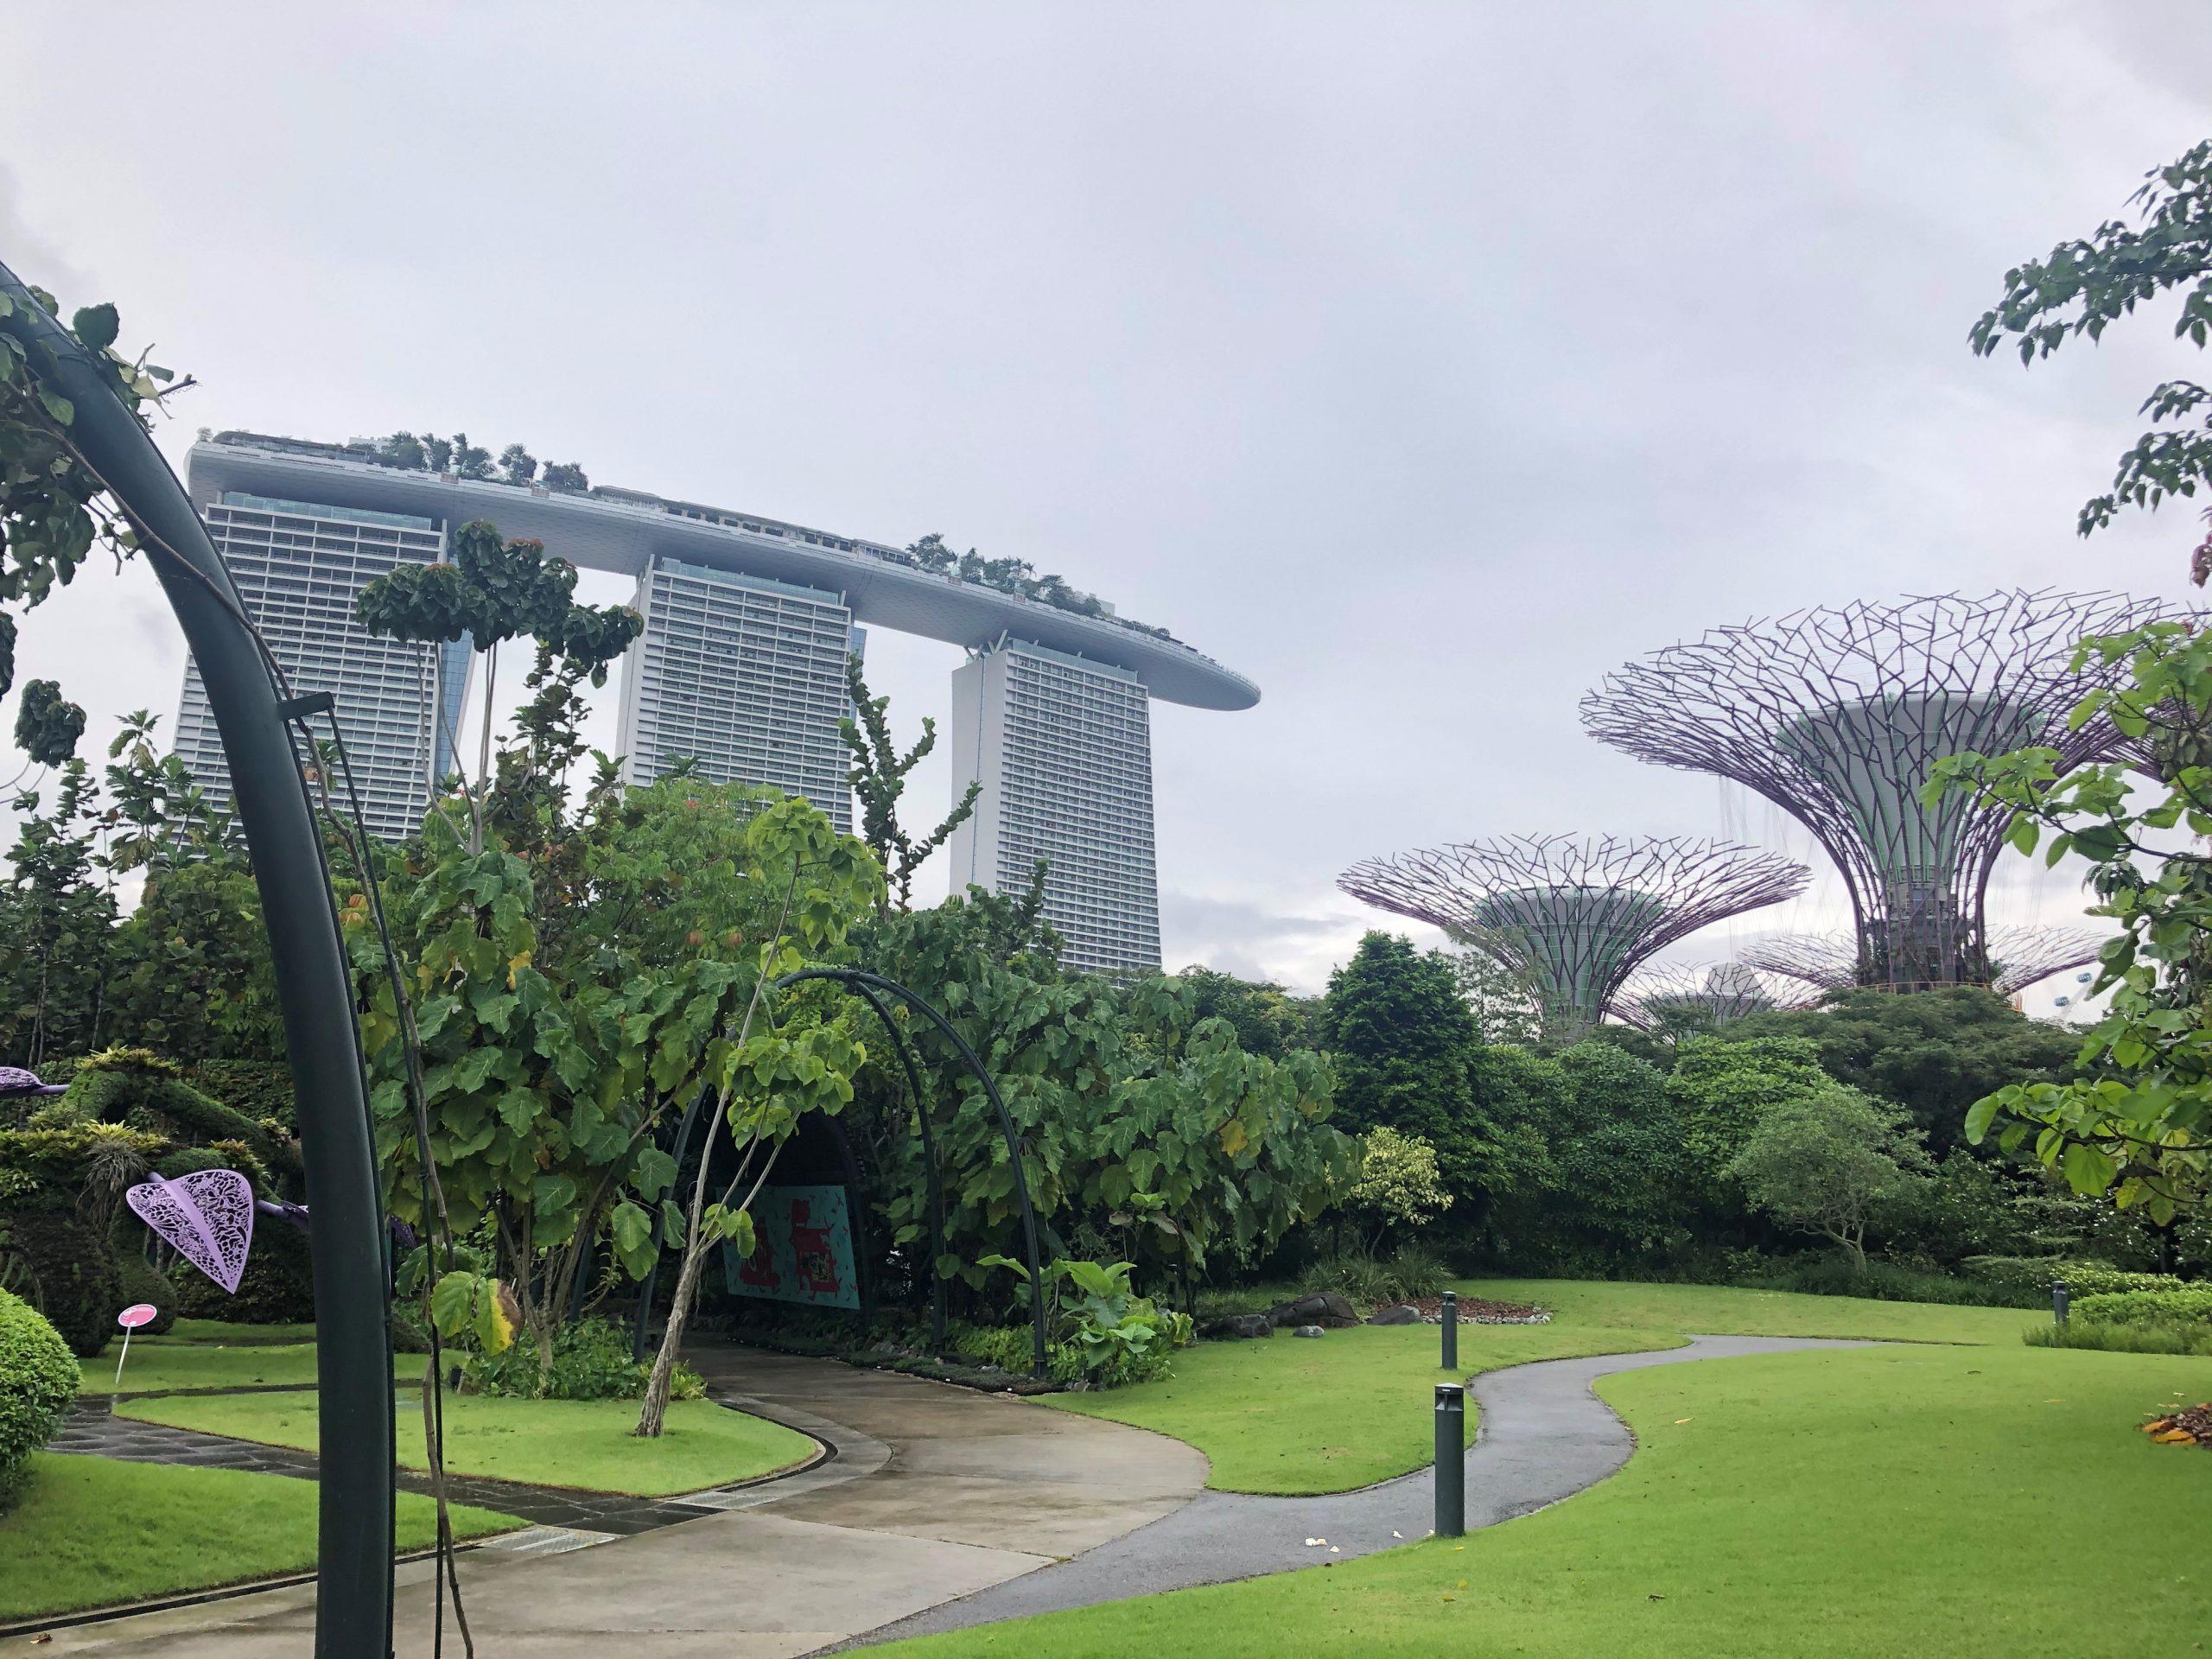 APMC2019@Singapore